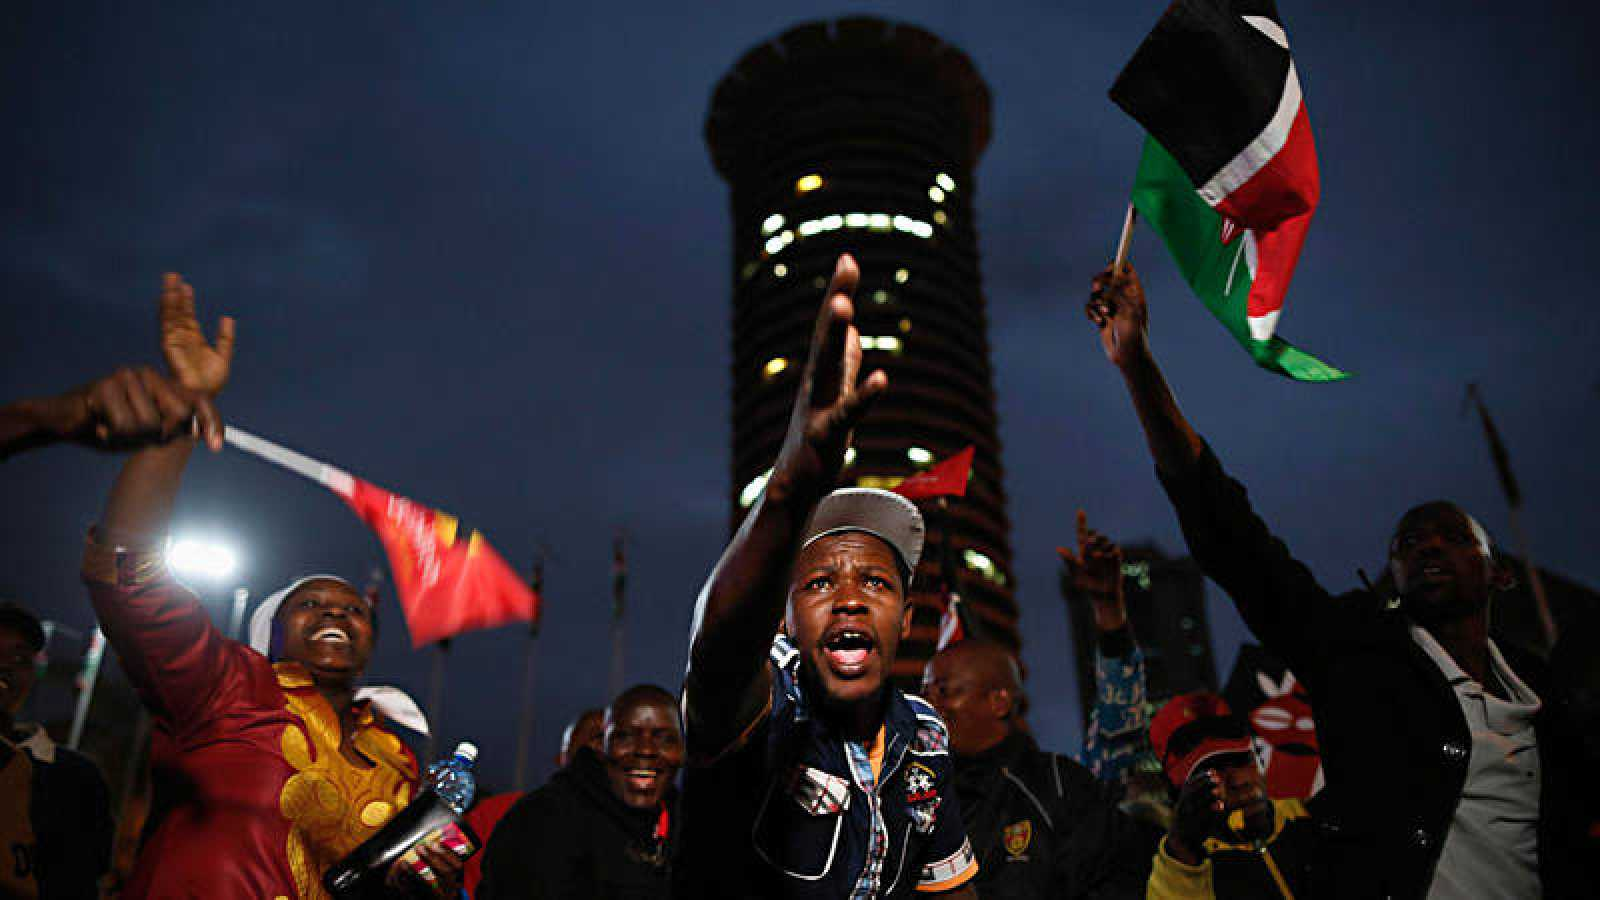 Los simpatizantes de Uhuru Kenyatta celebran su reelección en el centro de Nairobi